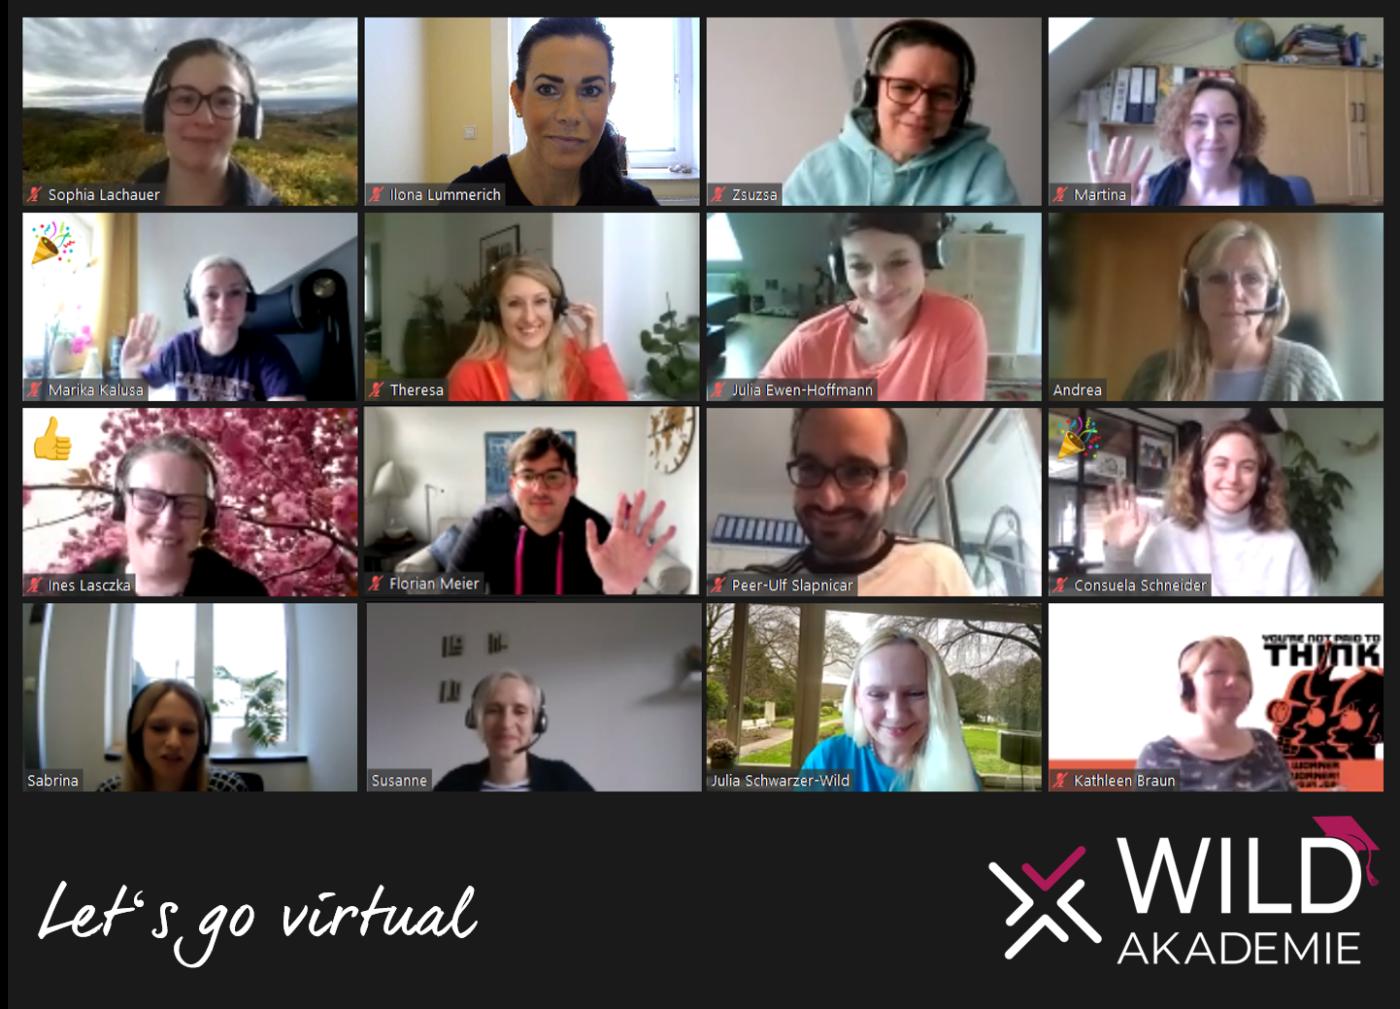 Ausbildung zum geprüften Business Coach (BDVT & WCTC) mit 16 Teilnehmer*innen gestartet